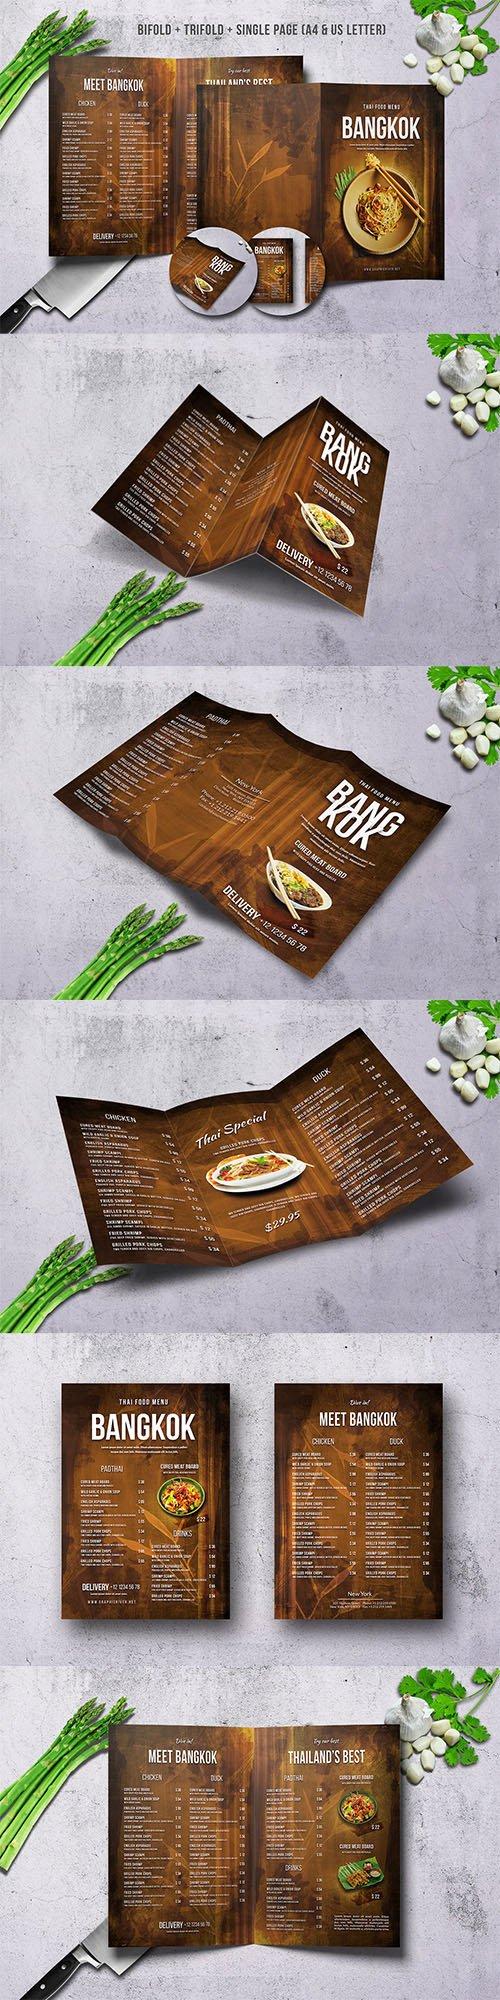 Thai Food Menu Bundle A4 & US Letter PSD